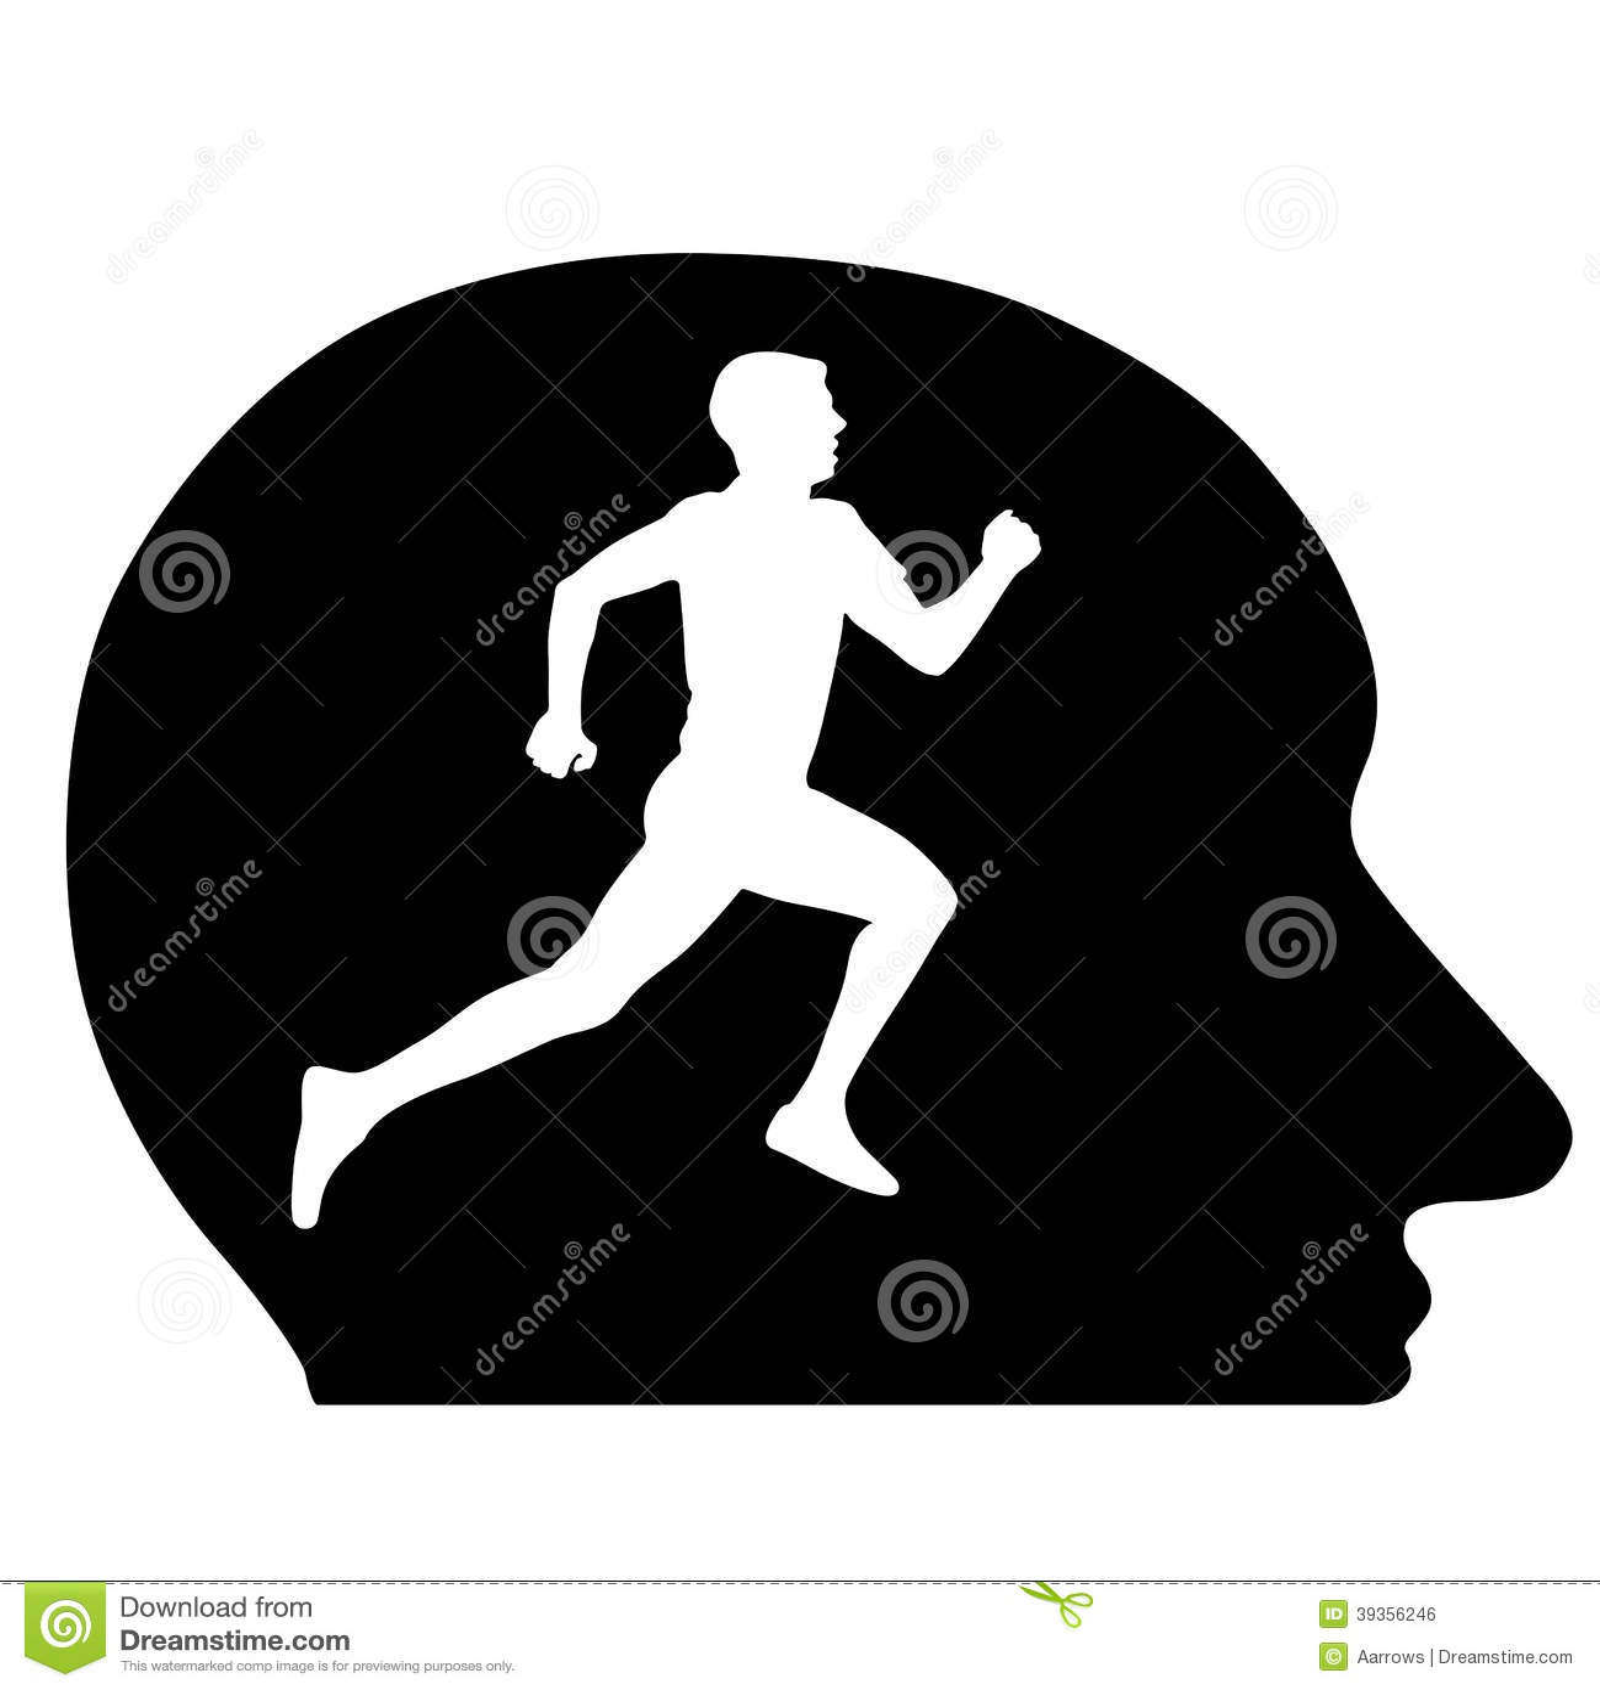 Head running